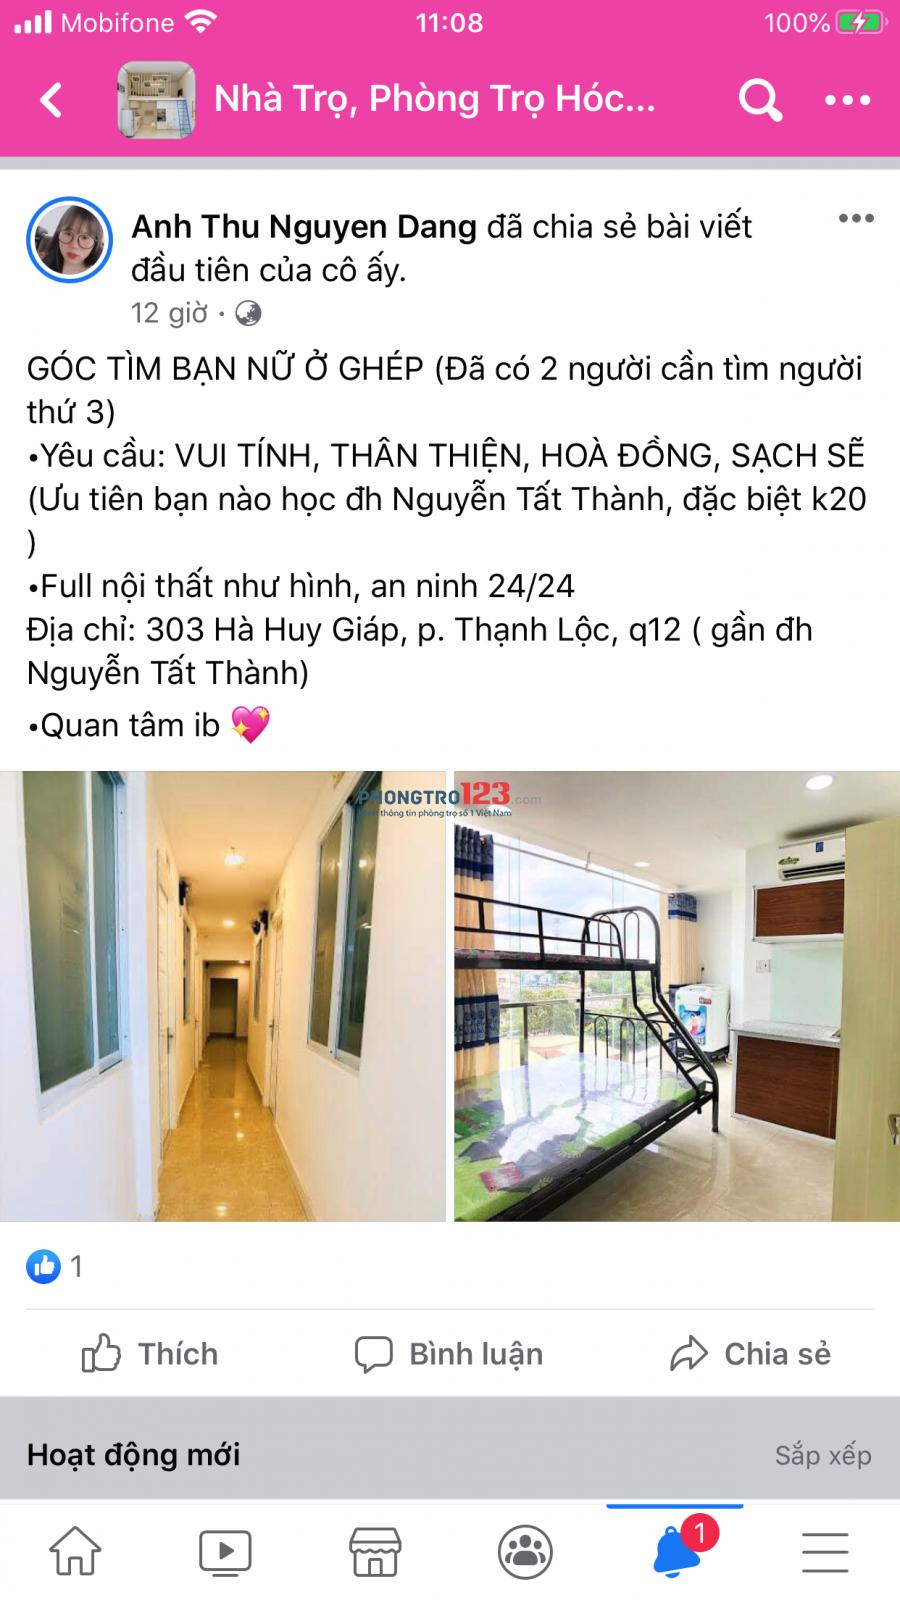 Cần tìm 1 đến 2 bạn nữ ở ghép q12 gần trường Đại học Nguyễn Tất Thành